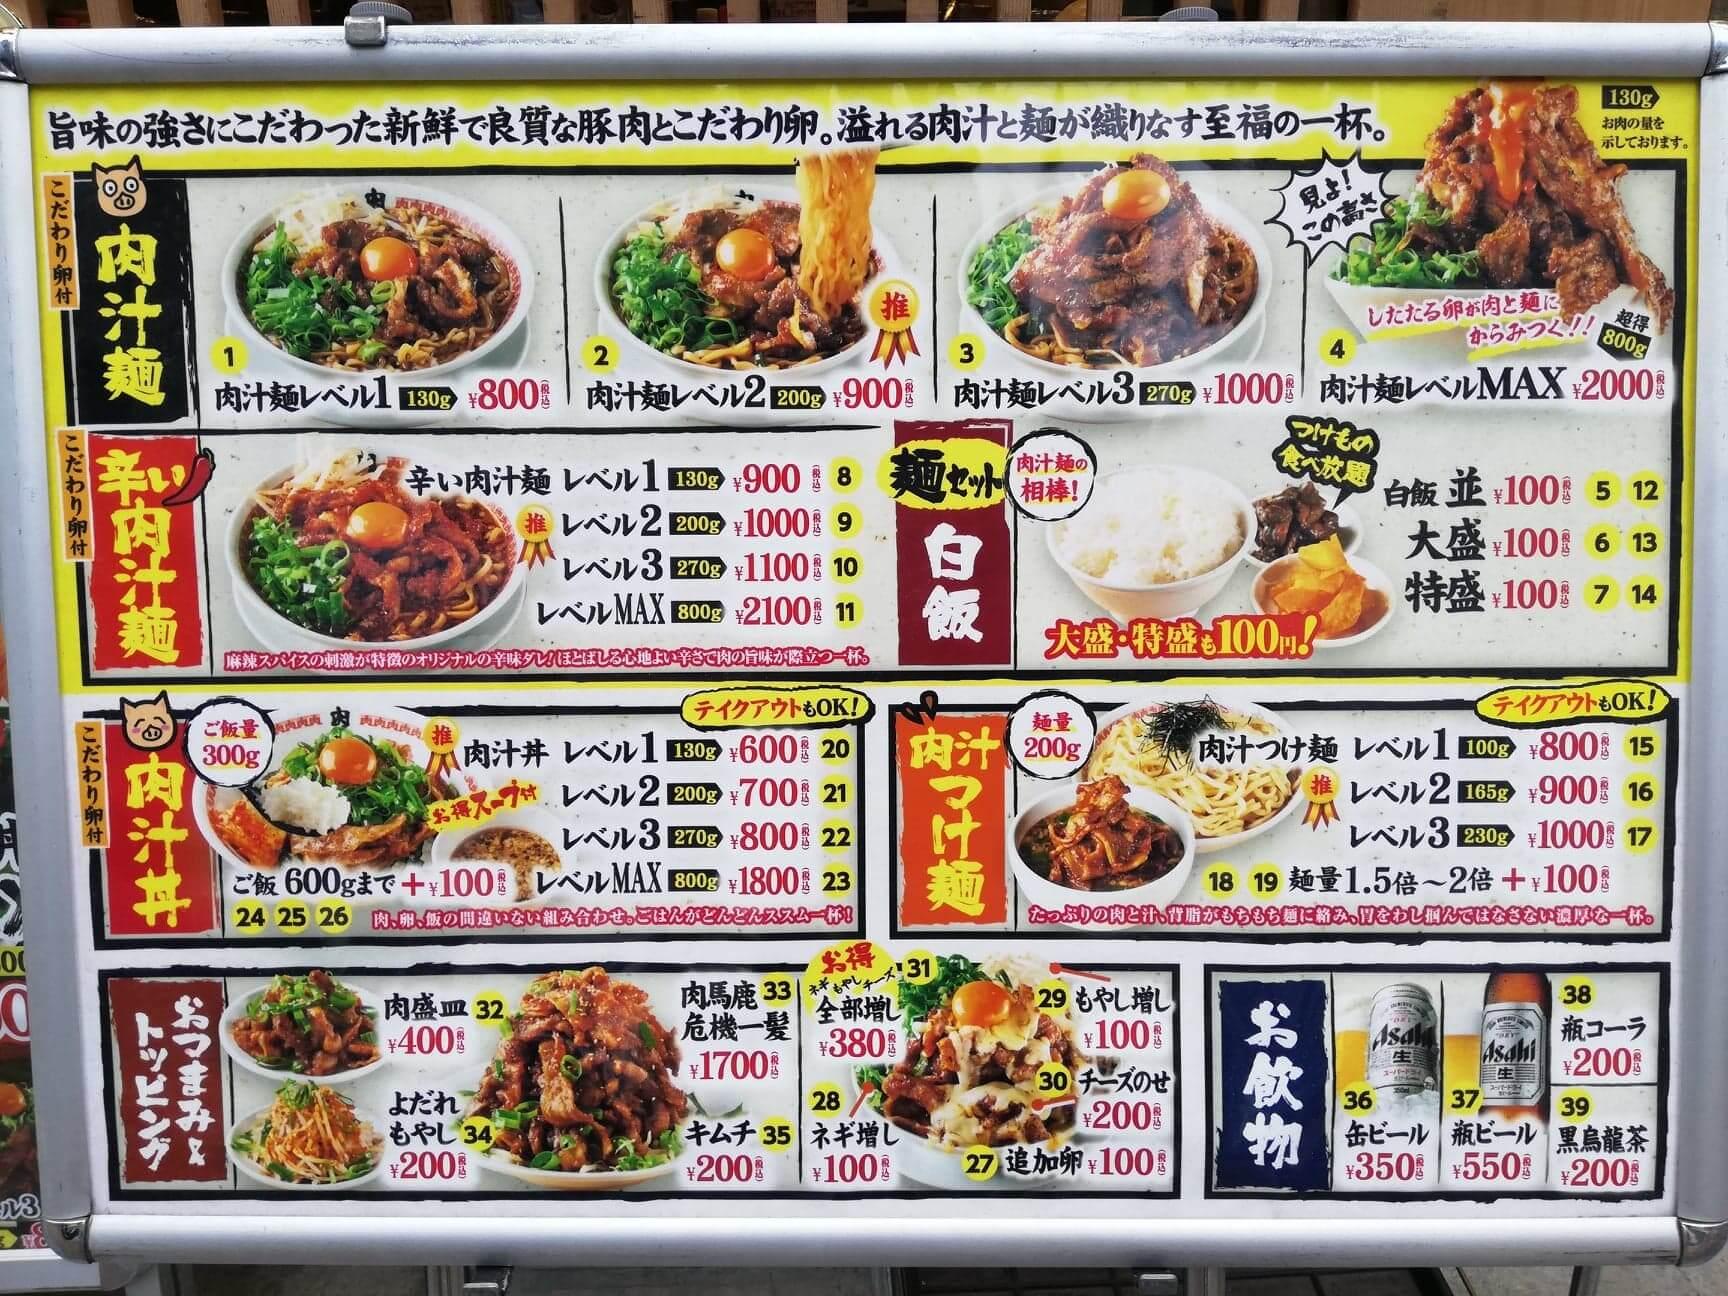 高田馬場『肉汁麺ススム』のメニュー表写真